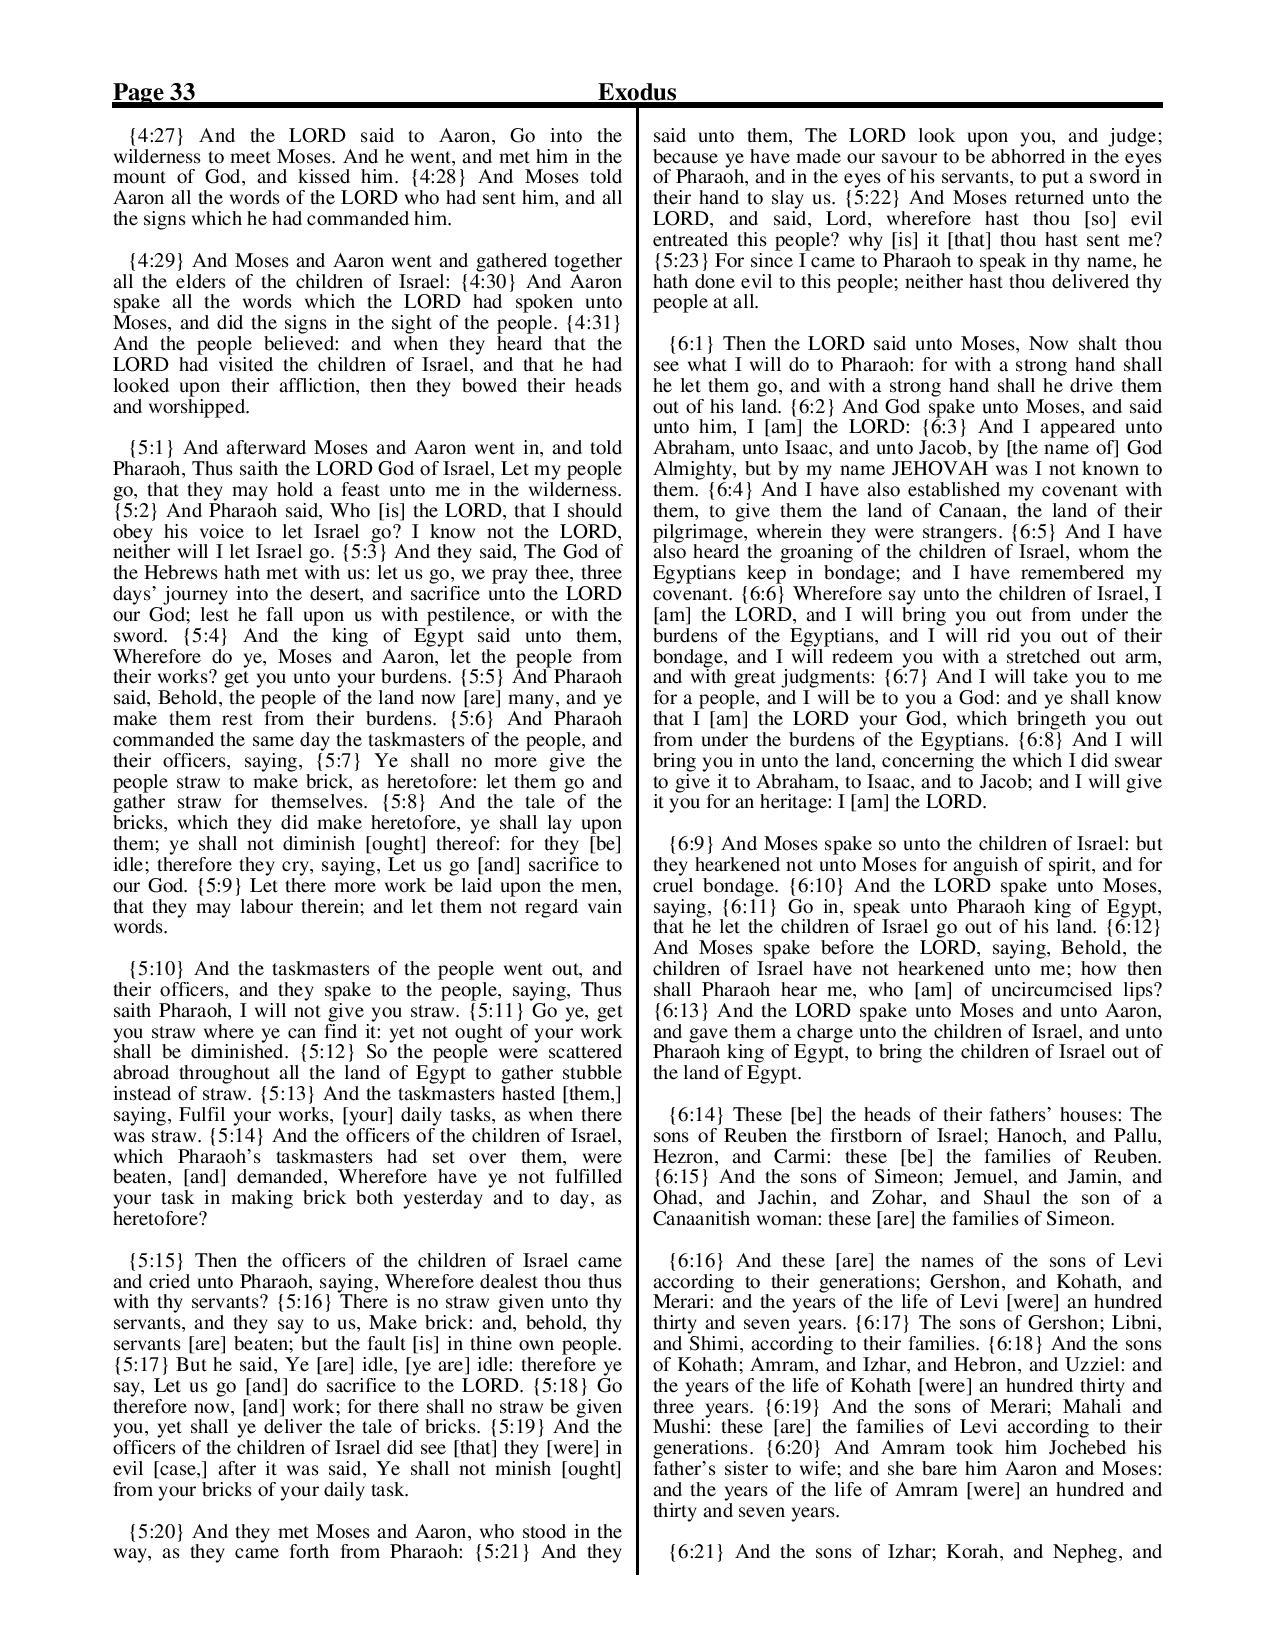 King-James-Bible-KJV-Bible-PDF-page-054